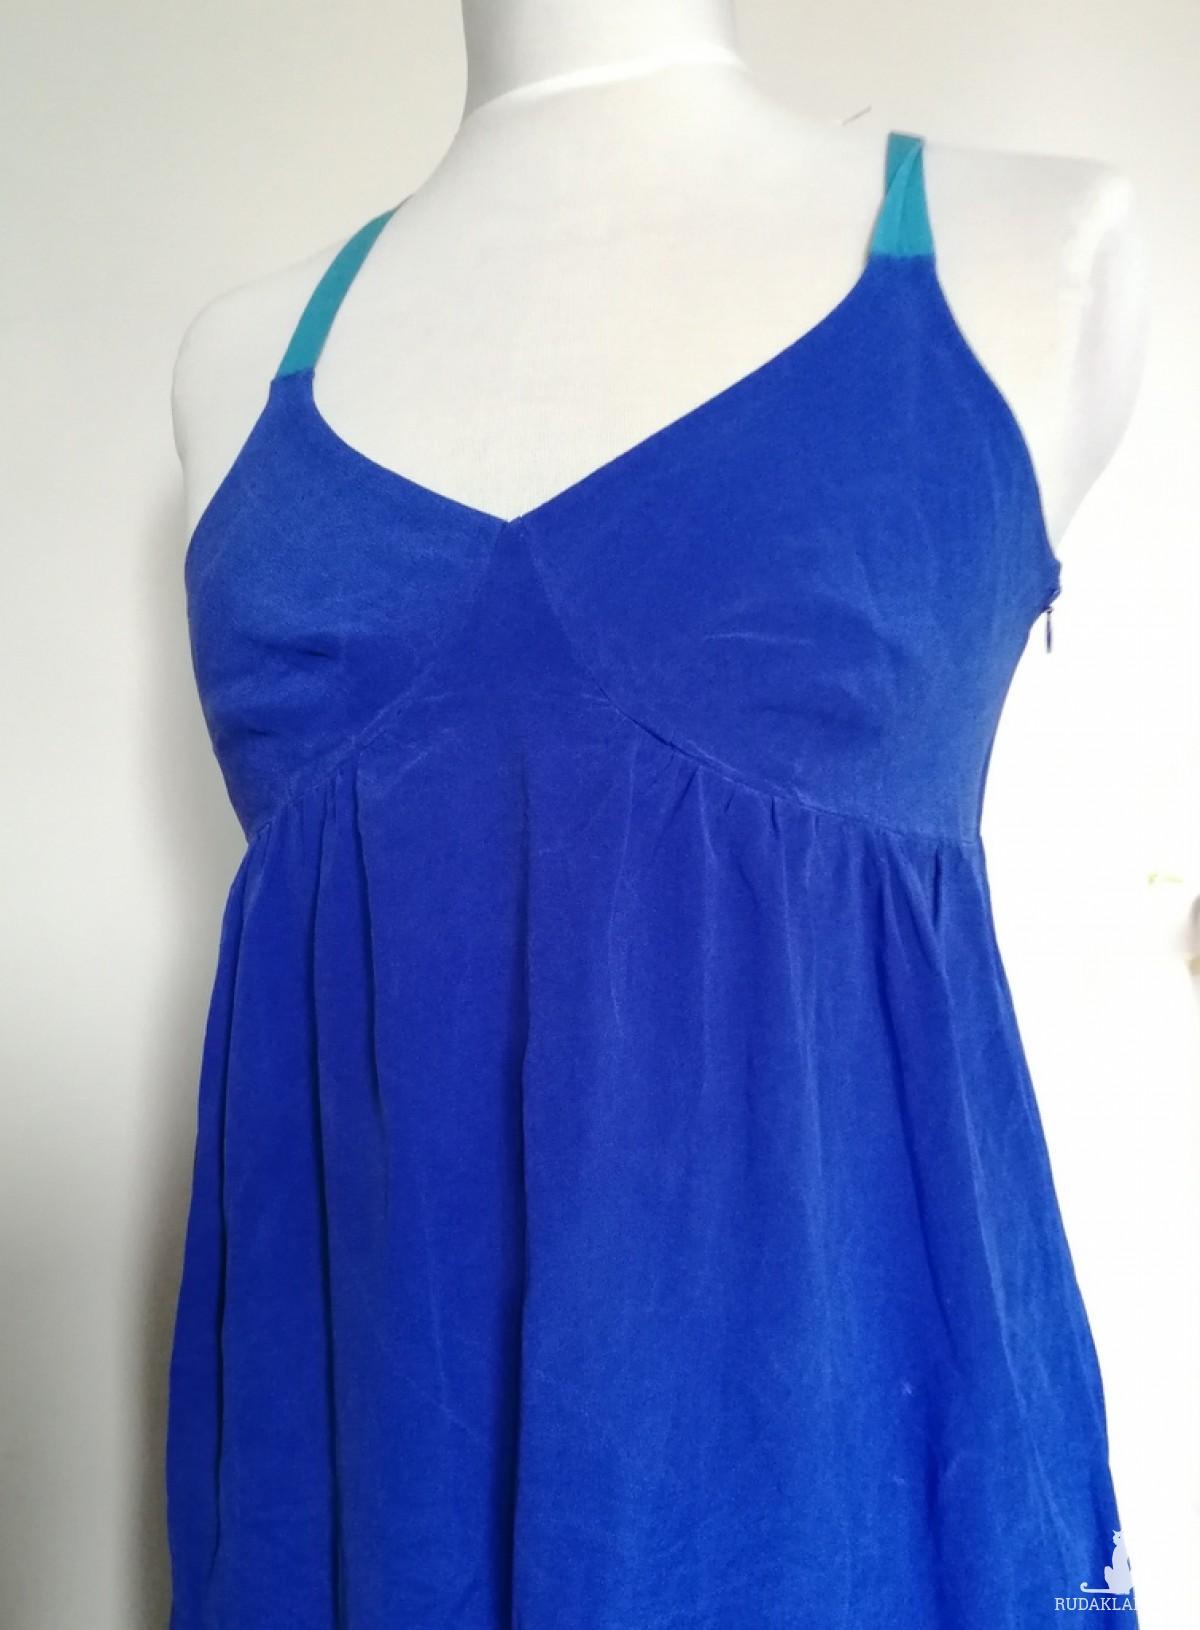 sukienka jedwabna firma monsoon turkusowo-zielona